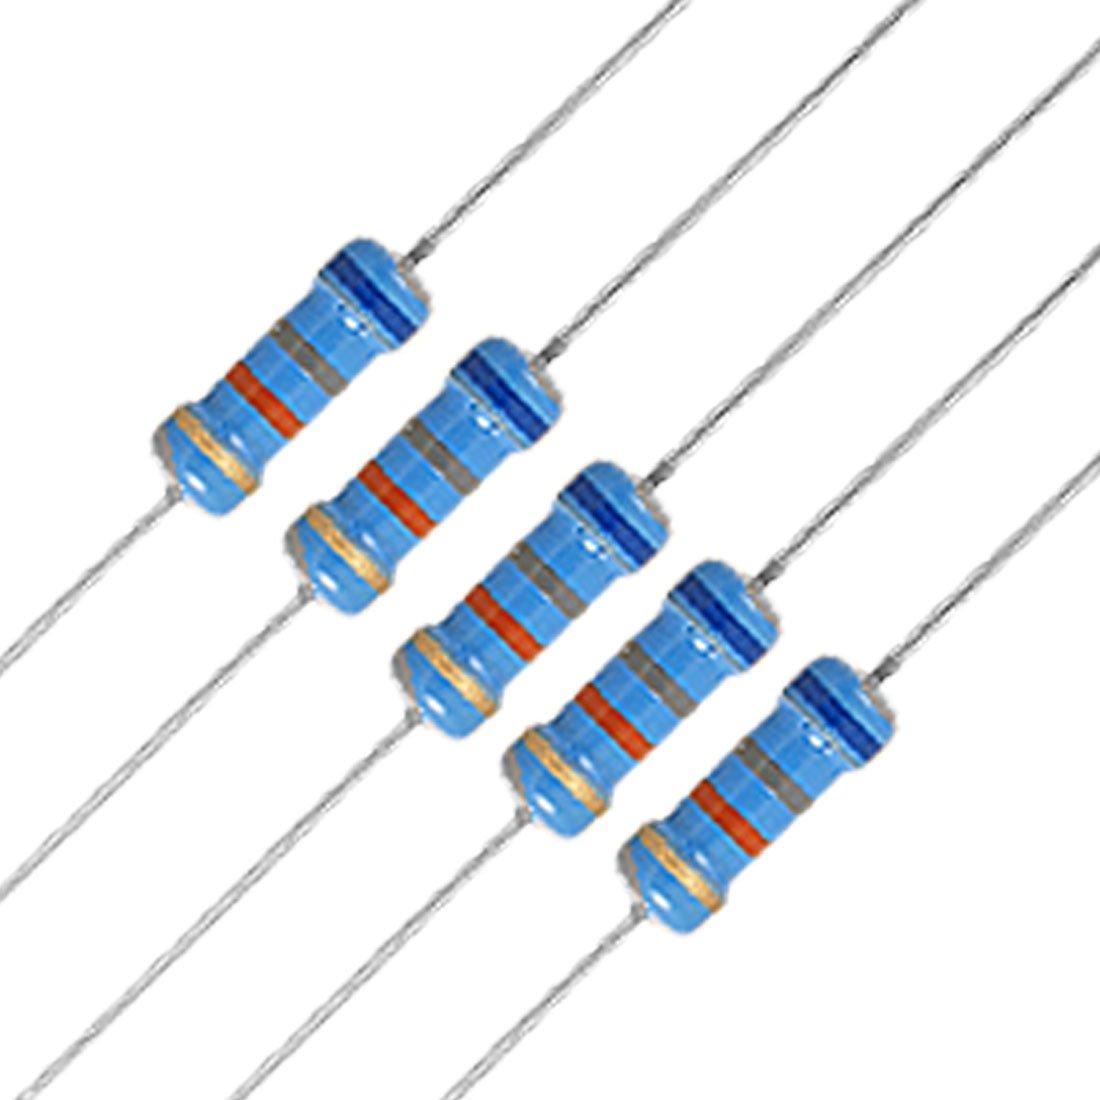 Max 80% OFF Cheap sale uxcell 20Pcs 1 2W Watt 68K 0.5W Film Carbon ohm 68KR Resistor